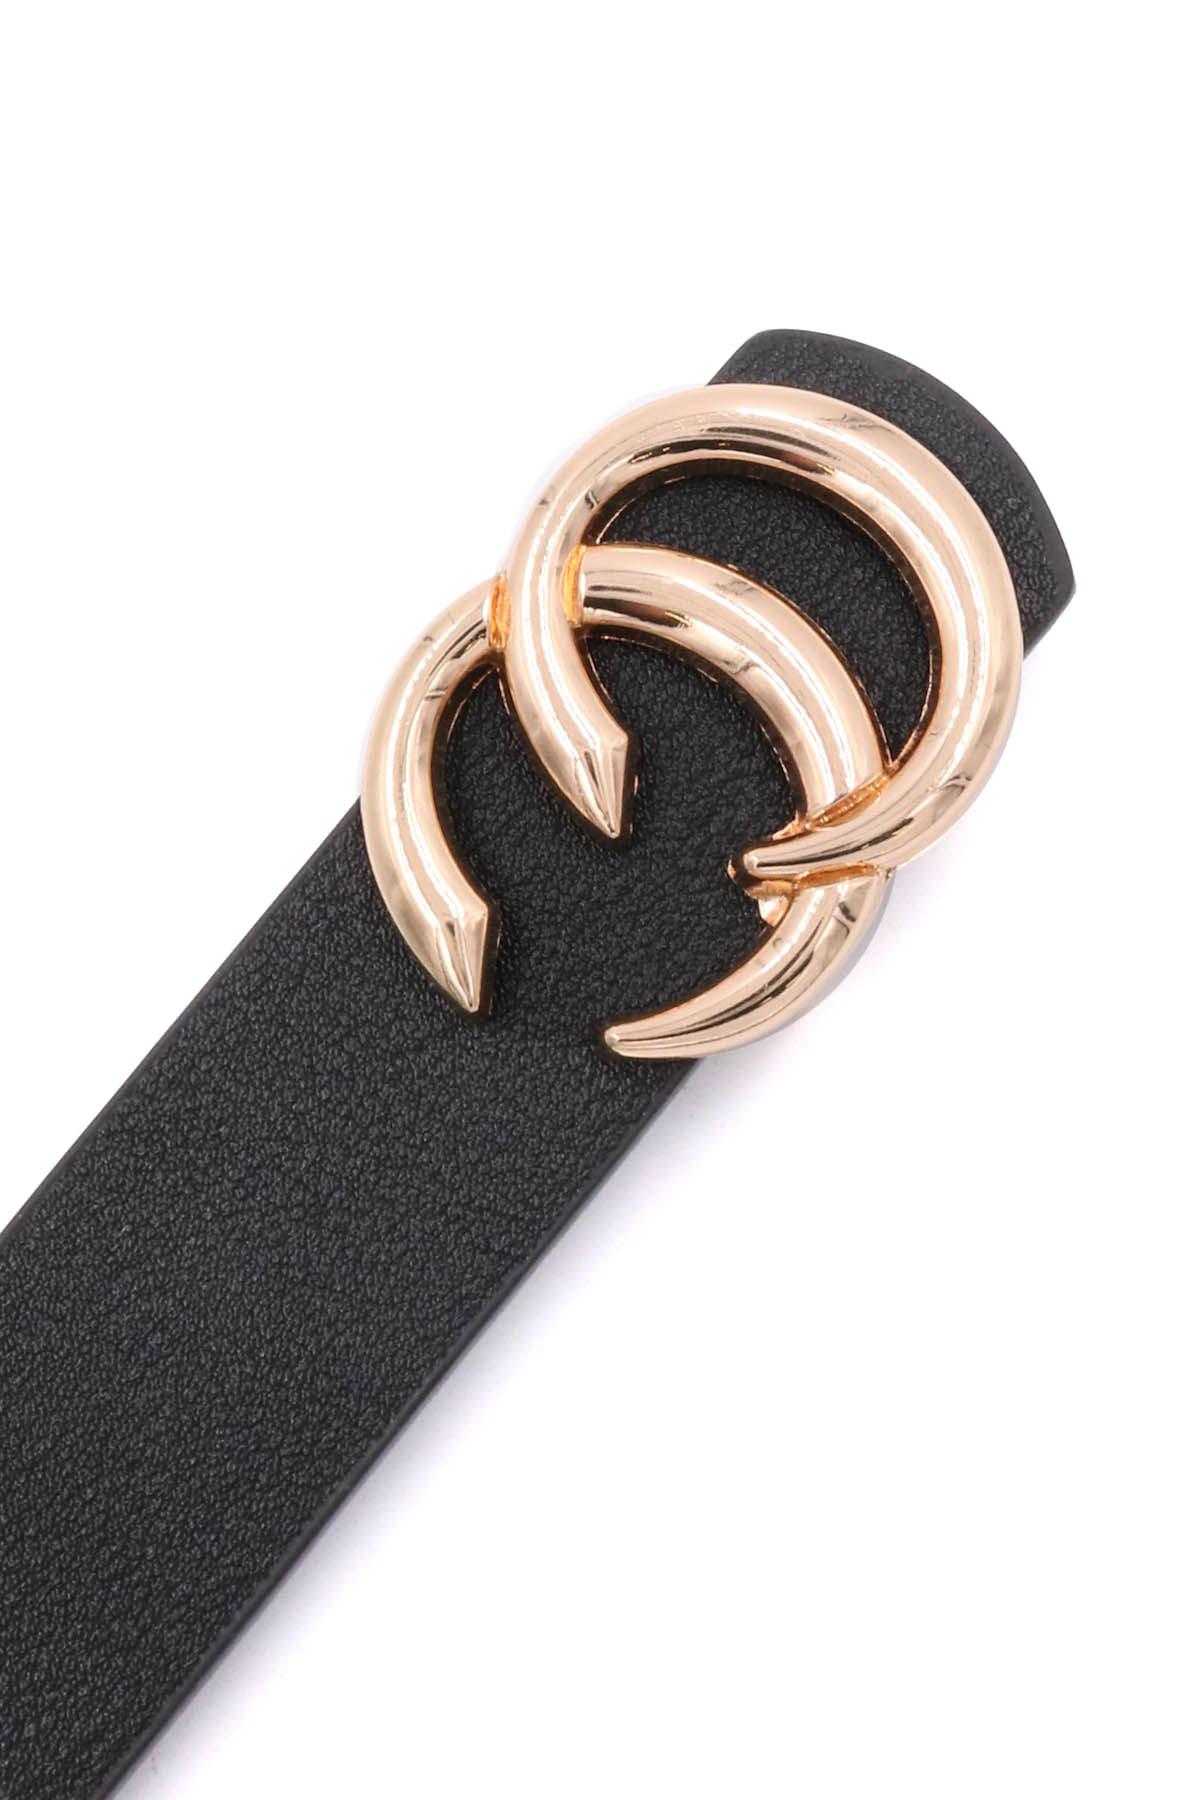 Double CC Buckle Belt - Belts